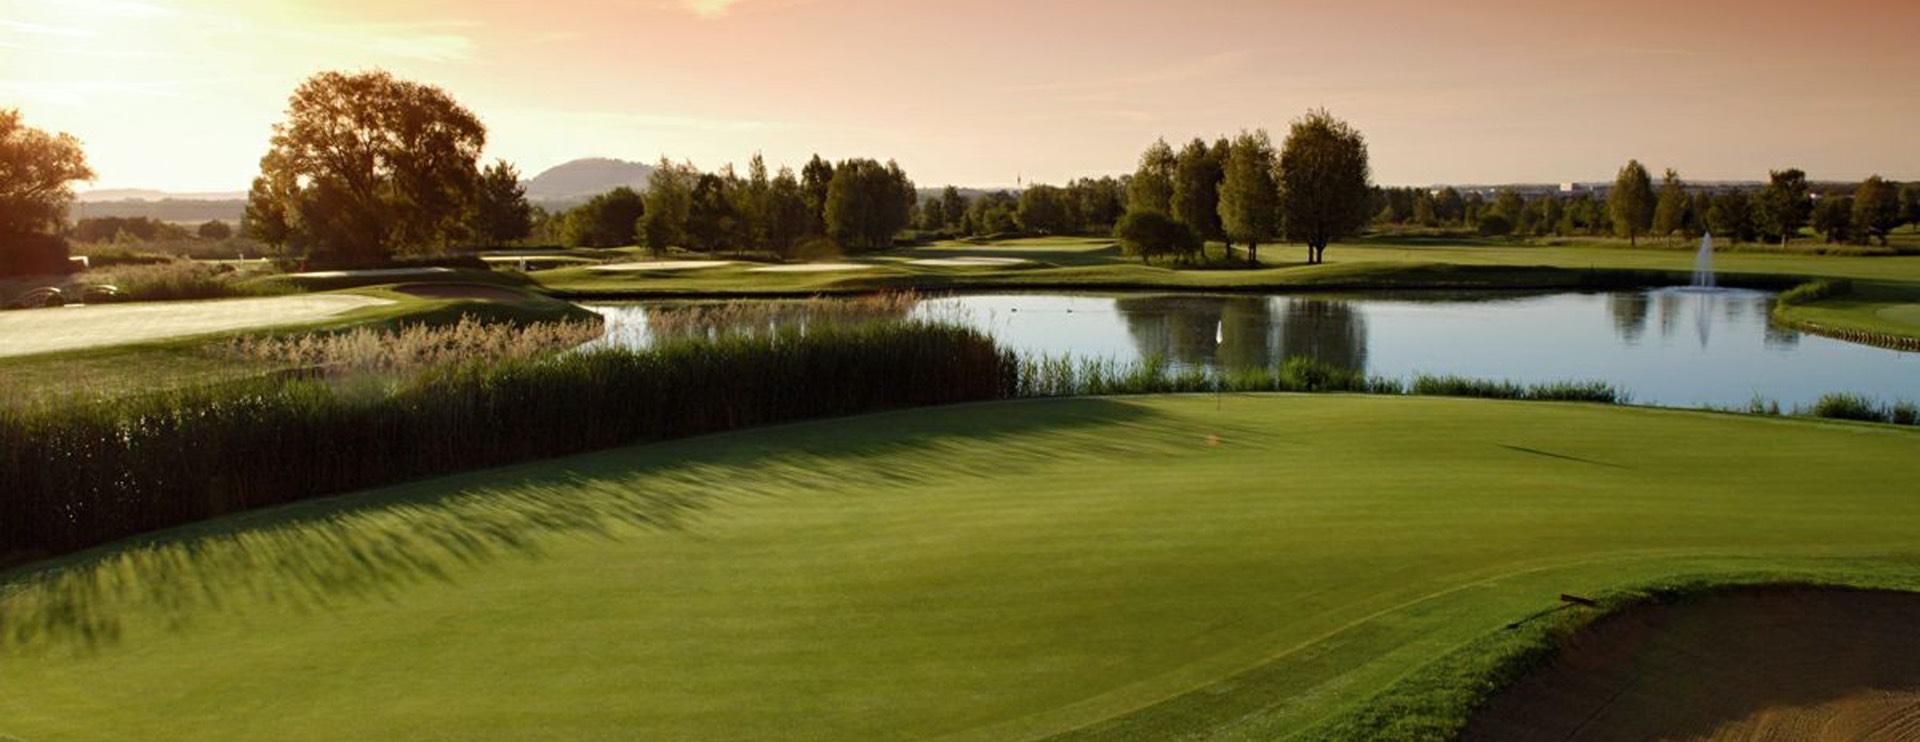 golfreis-golfreizen-golfvakantie-golfvakanties-duitsland-golf-expedition